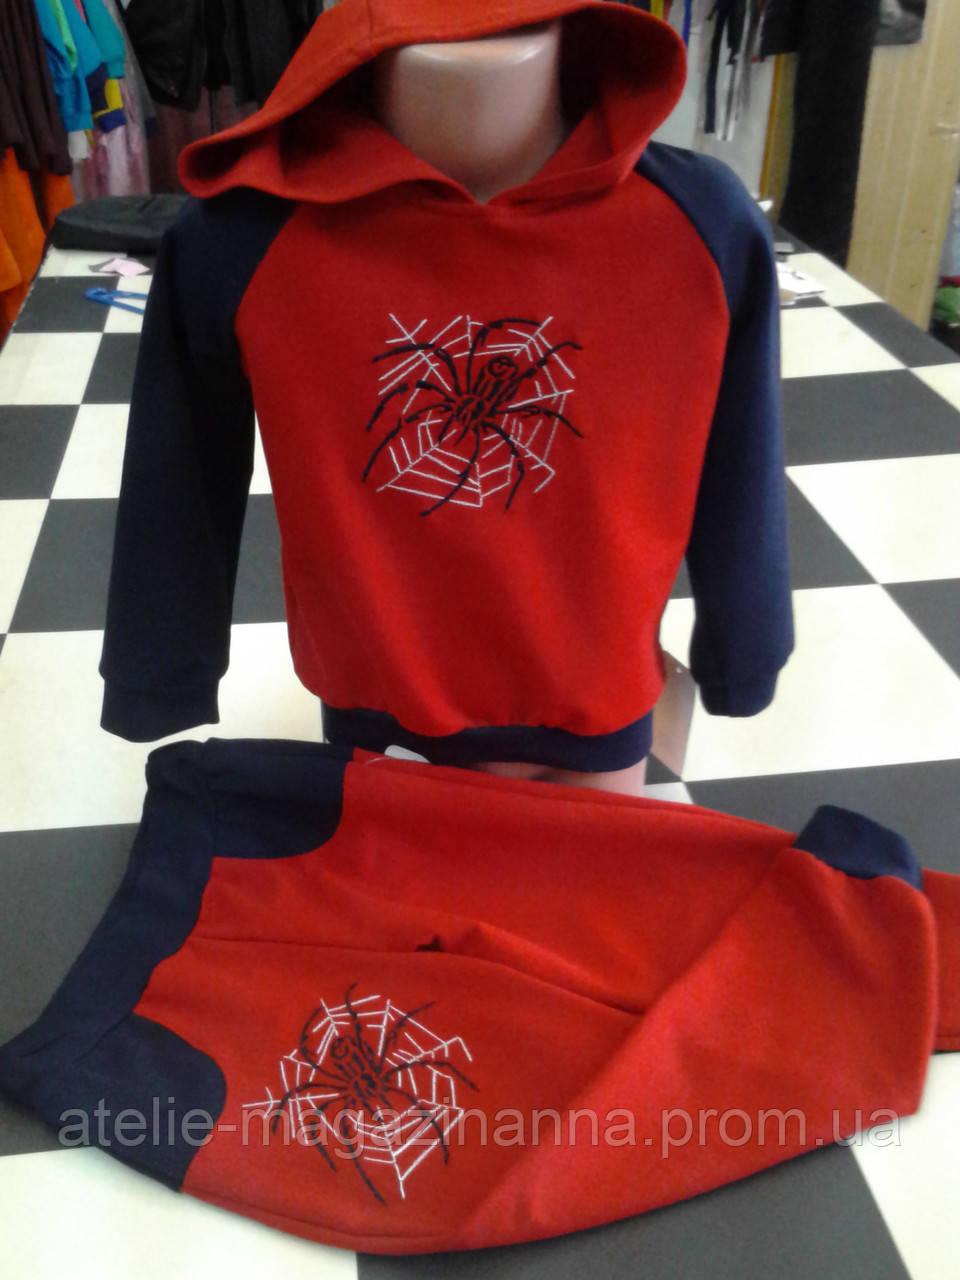 Спортивный детский костюм с логотипом человек- паук, с капюшоном 98-146